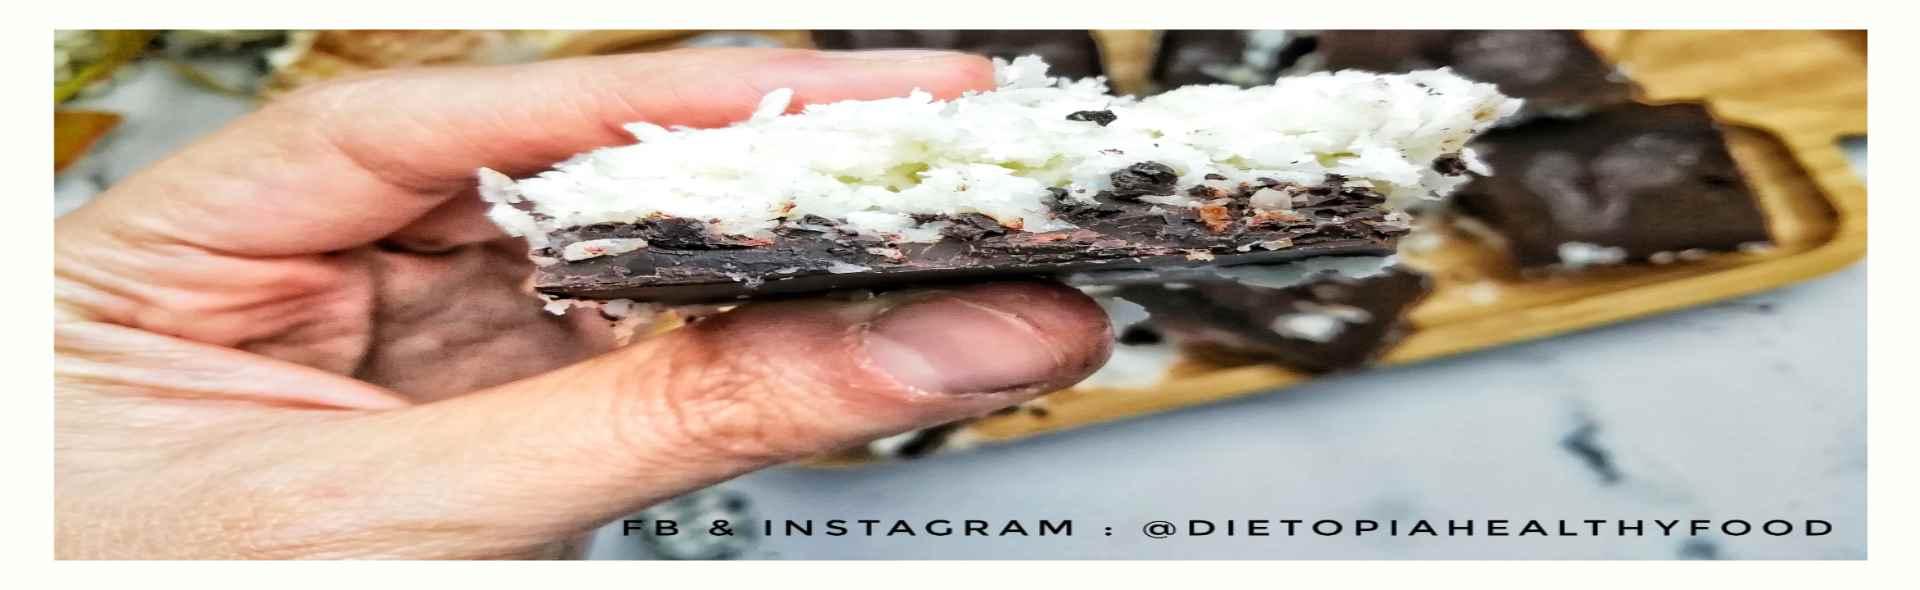 جوز الهند باونتي على حد سواء الشوكولاته البارات 5 خطوات مع صور 2021